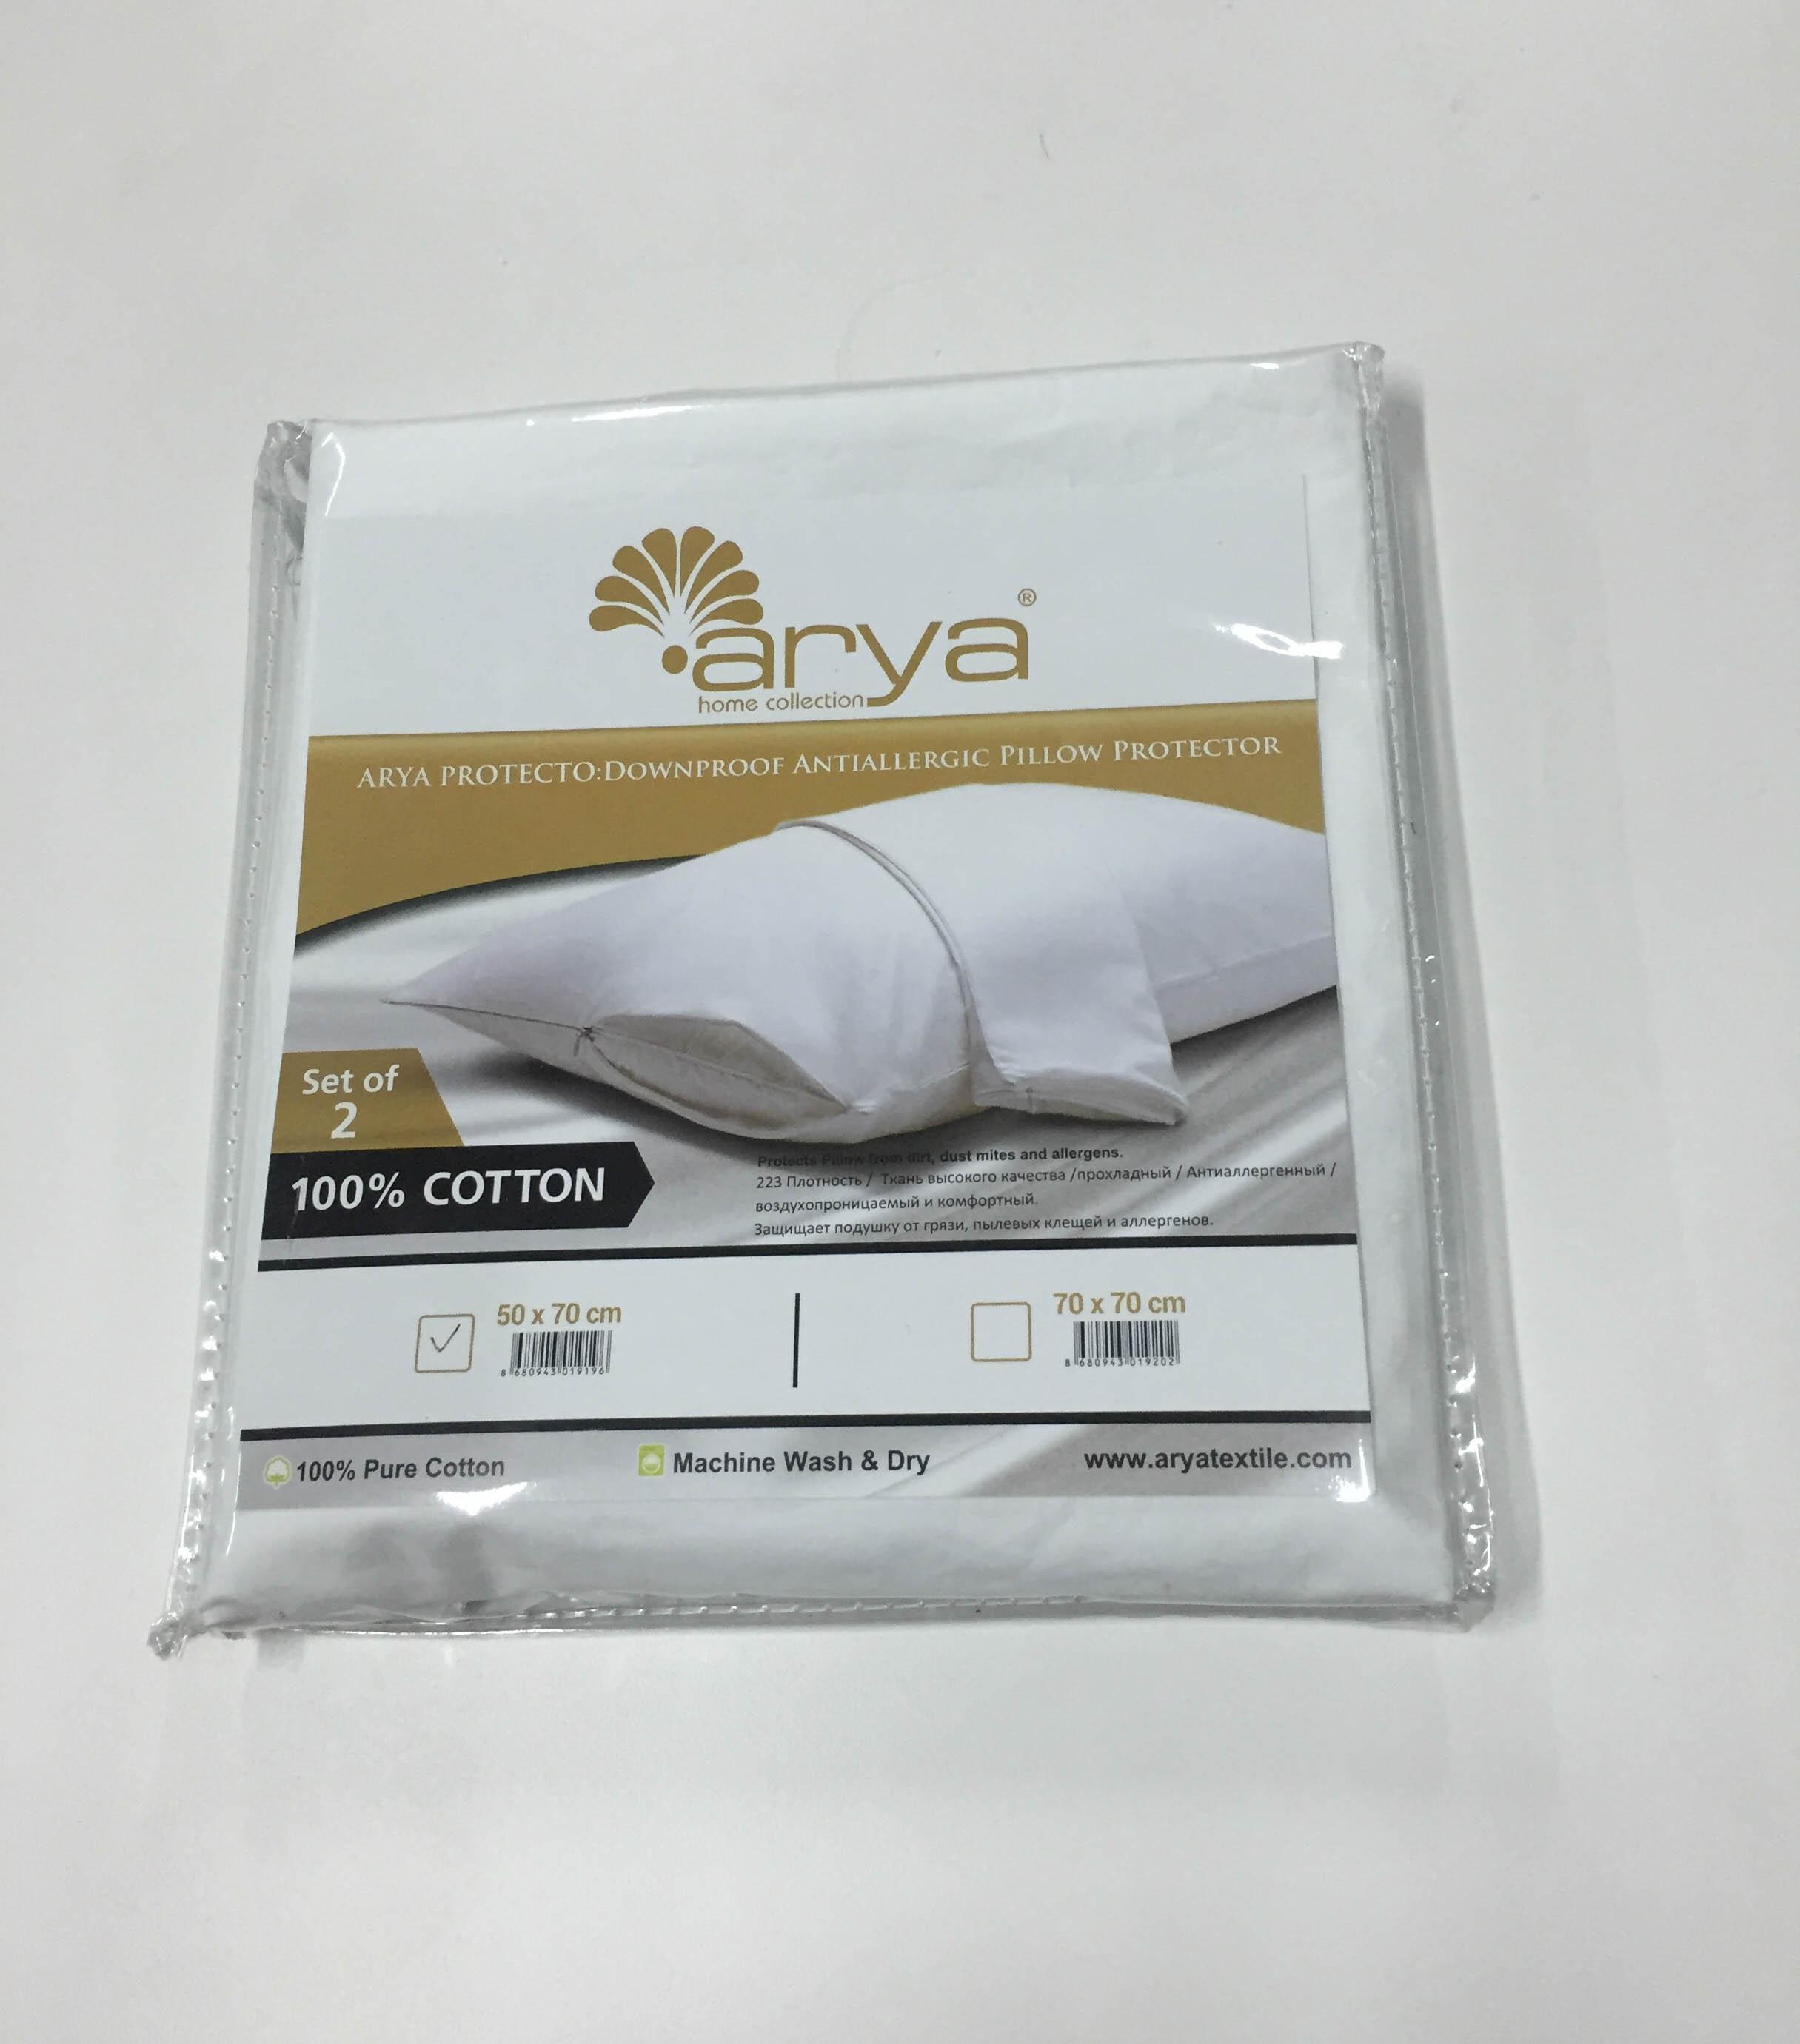 Наволочки AryaНаволочки<br>Производитель: Arya<br>Страна производства: Турция<br>Материал: Хлопковый сатин<br>Состав материала: 100% Хлопок<br>Застежка: Молния<br>Размер наволочек: 70х70 см<br>Упаковка: Полиэтиленовый пакет<br><br>Тип: Наволочки<br>Размерность комплекта: Наволочки<br>Материал: Хлопковый сатин<br>Размер наволочки: None<br>Подарочная упаковка: Наволочки<br>Для детей: Наволочки<br>Ткань: Хлопковый сатин<br>Цвет: Белый